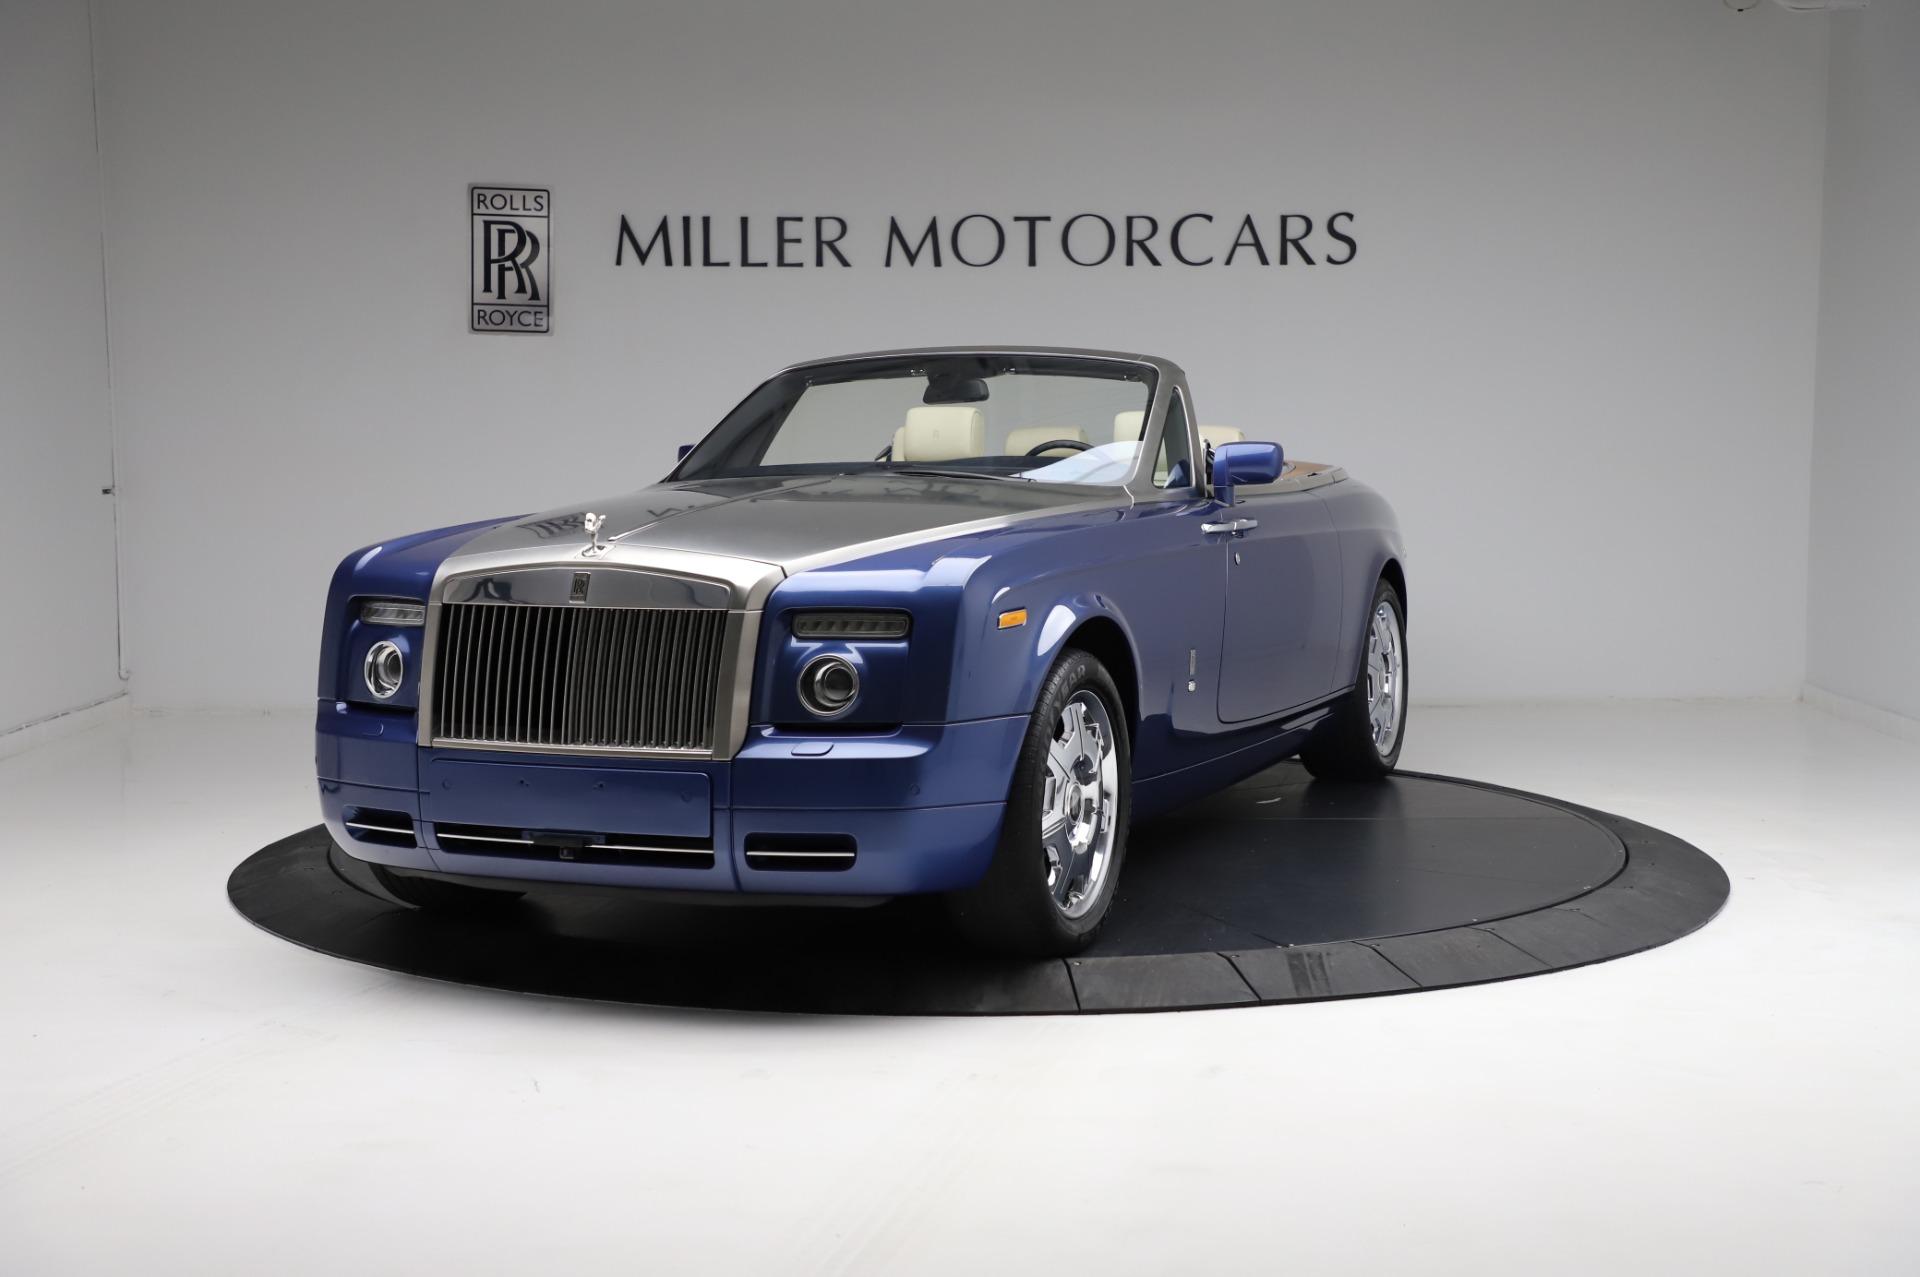 Used 2009 Rolls-Royce Phantom Drophead Coupe for sale $219,900 at Alfa Romeo of Westport in Westport CT 06880 1